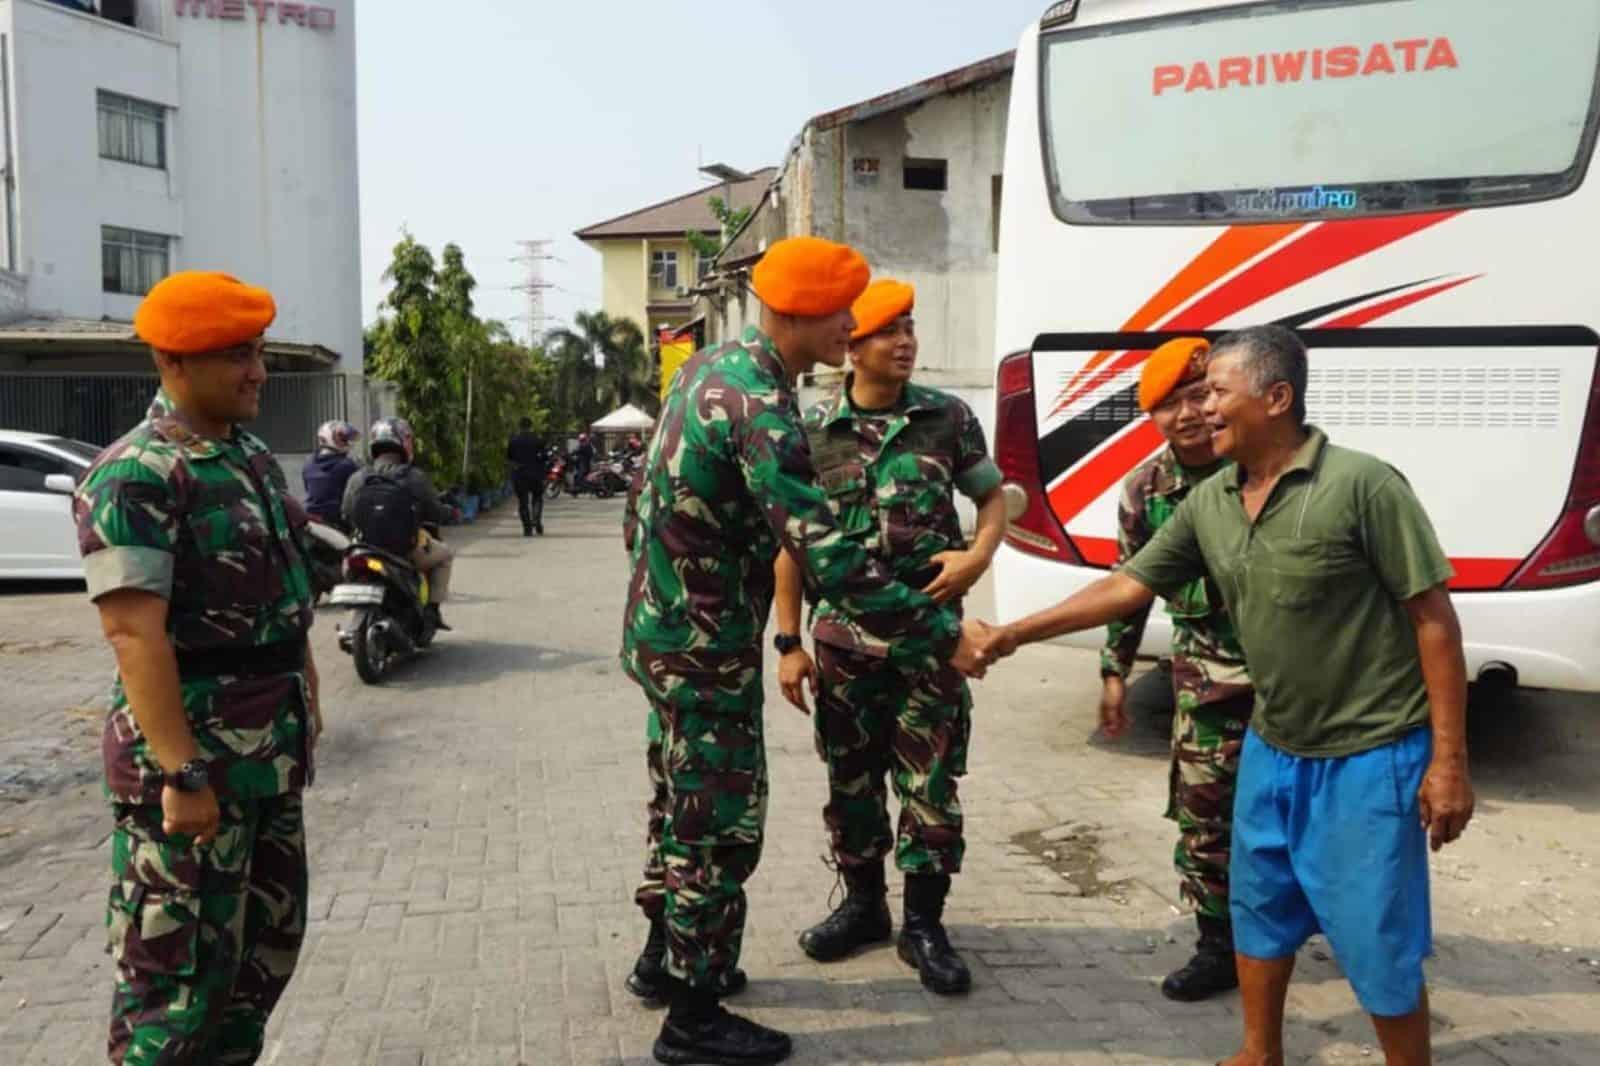 Pasca Kerusuhan, Satgas Pam Unras Batalyon Komando 462 Paskhas Melaksanakan Komsos Dengan Masyarakat Sekitar